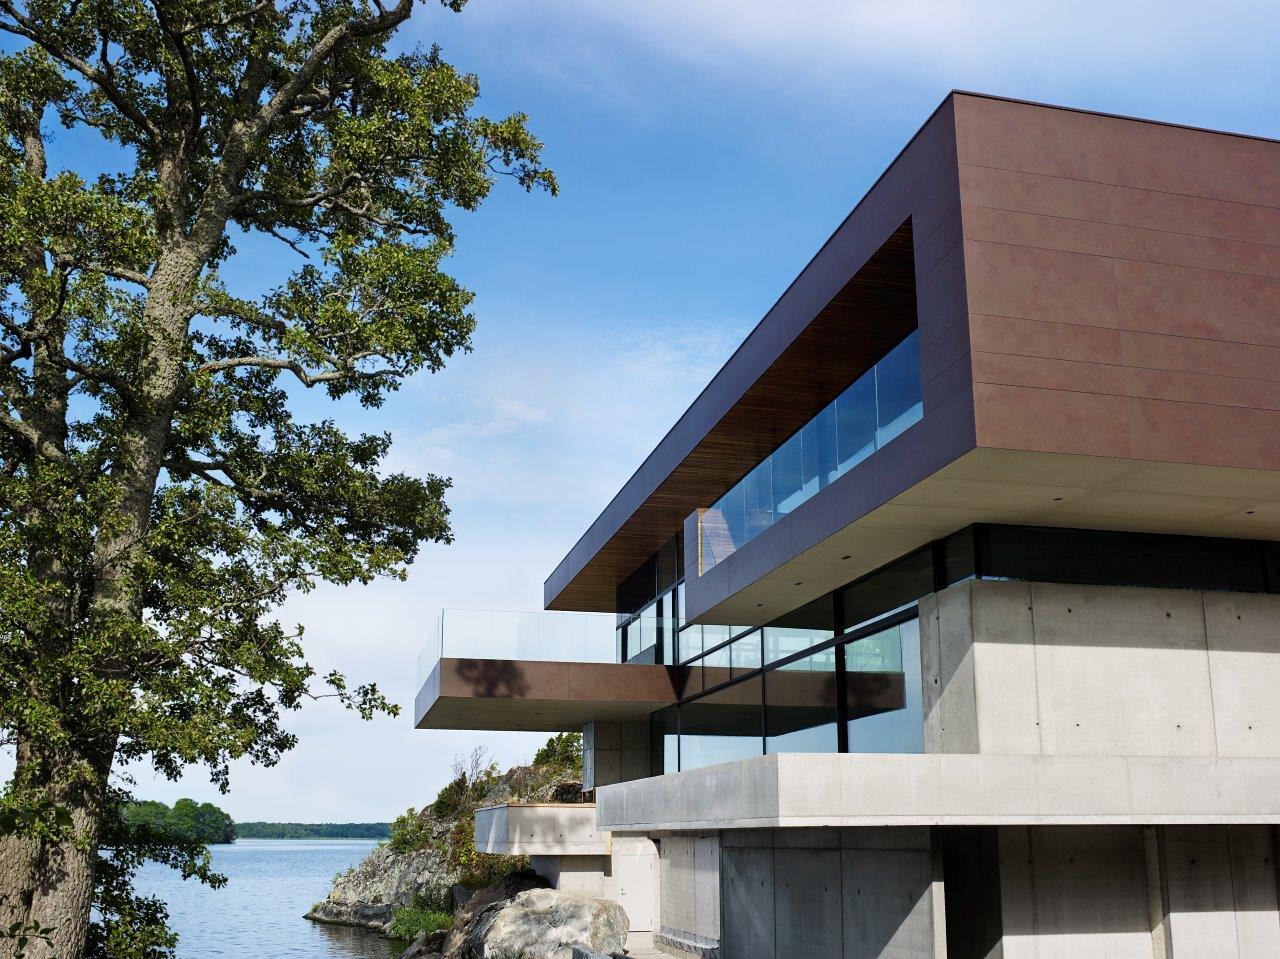 Skallan House  - 150909 cosentino004 51